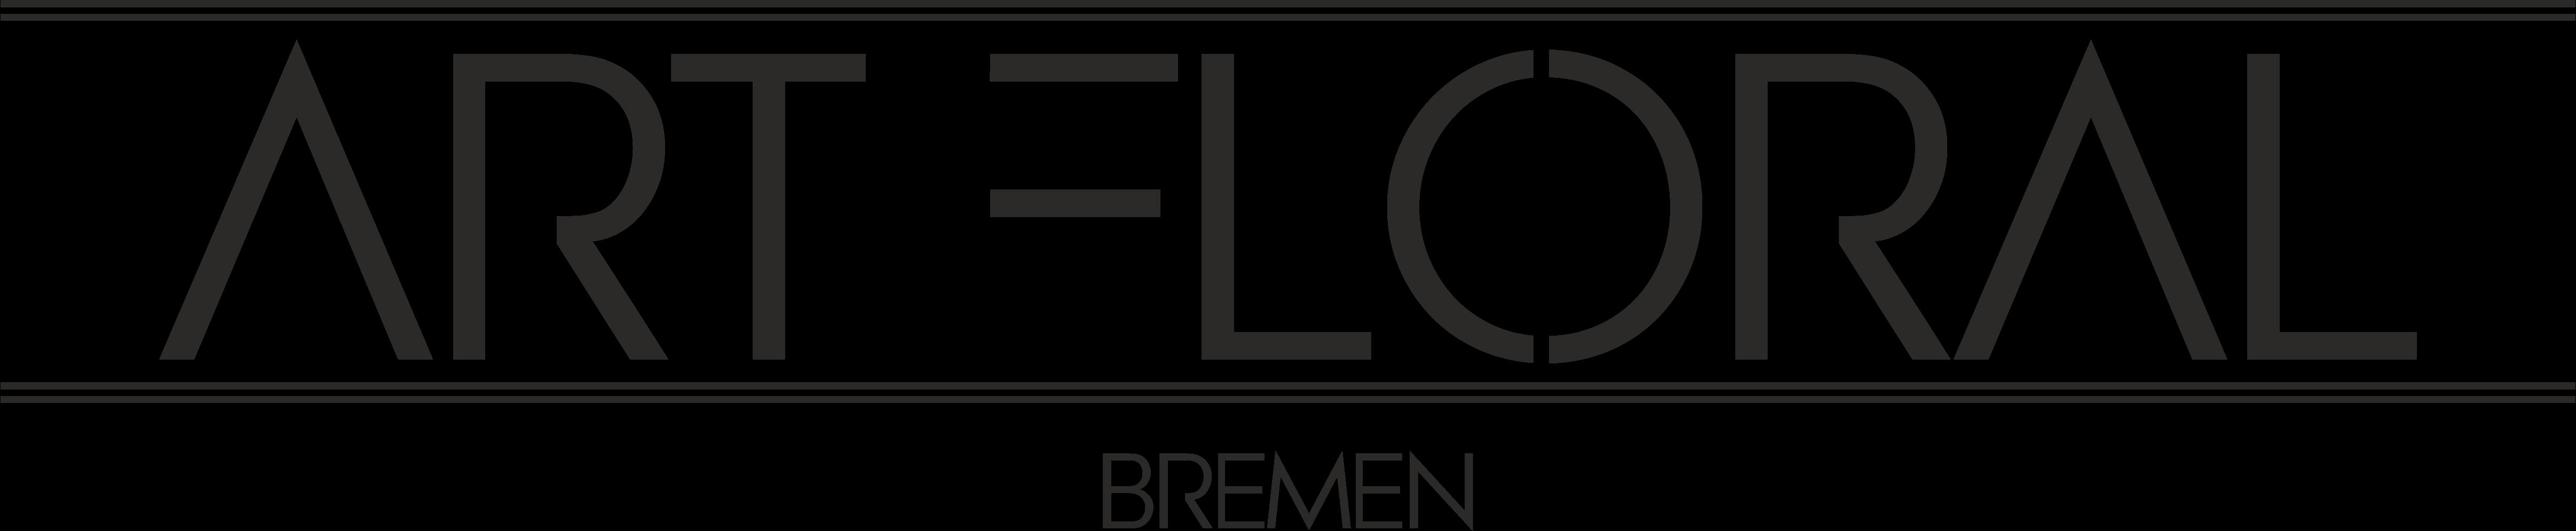 Art Floral Bremen